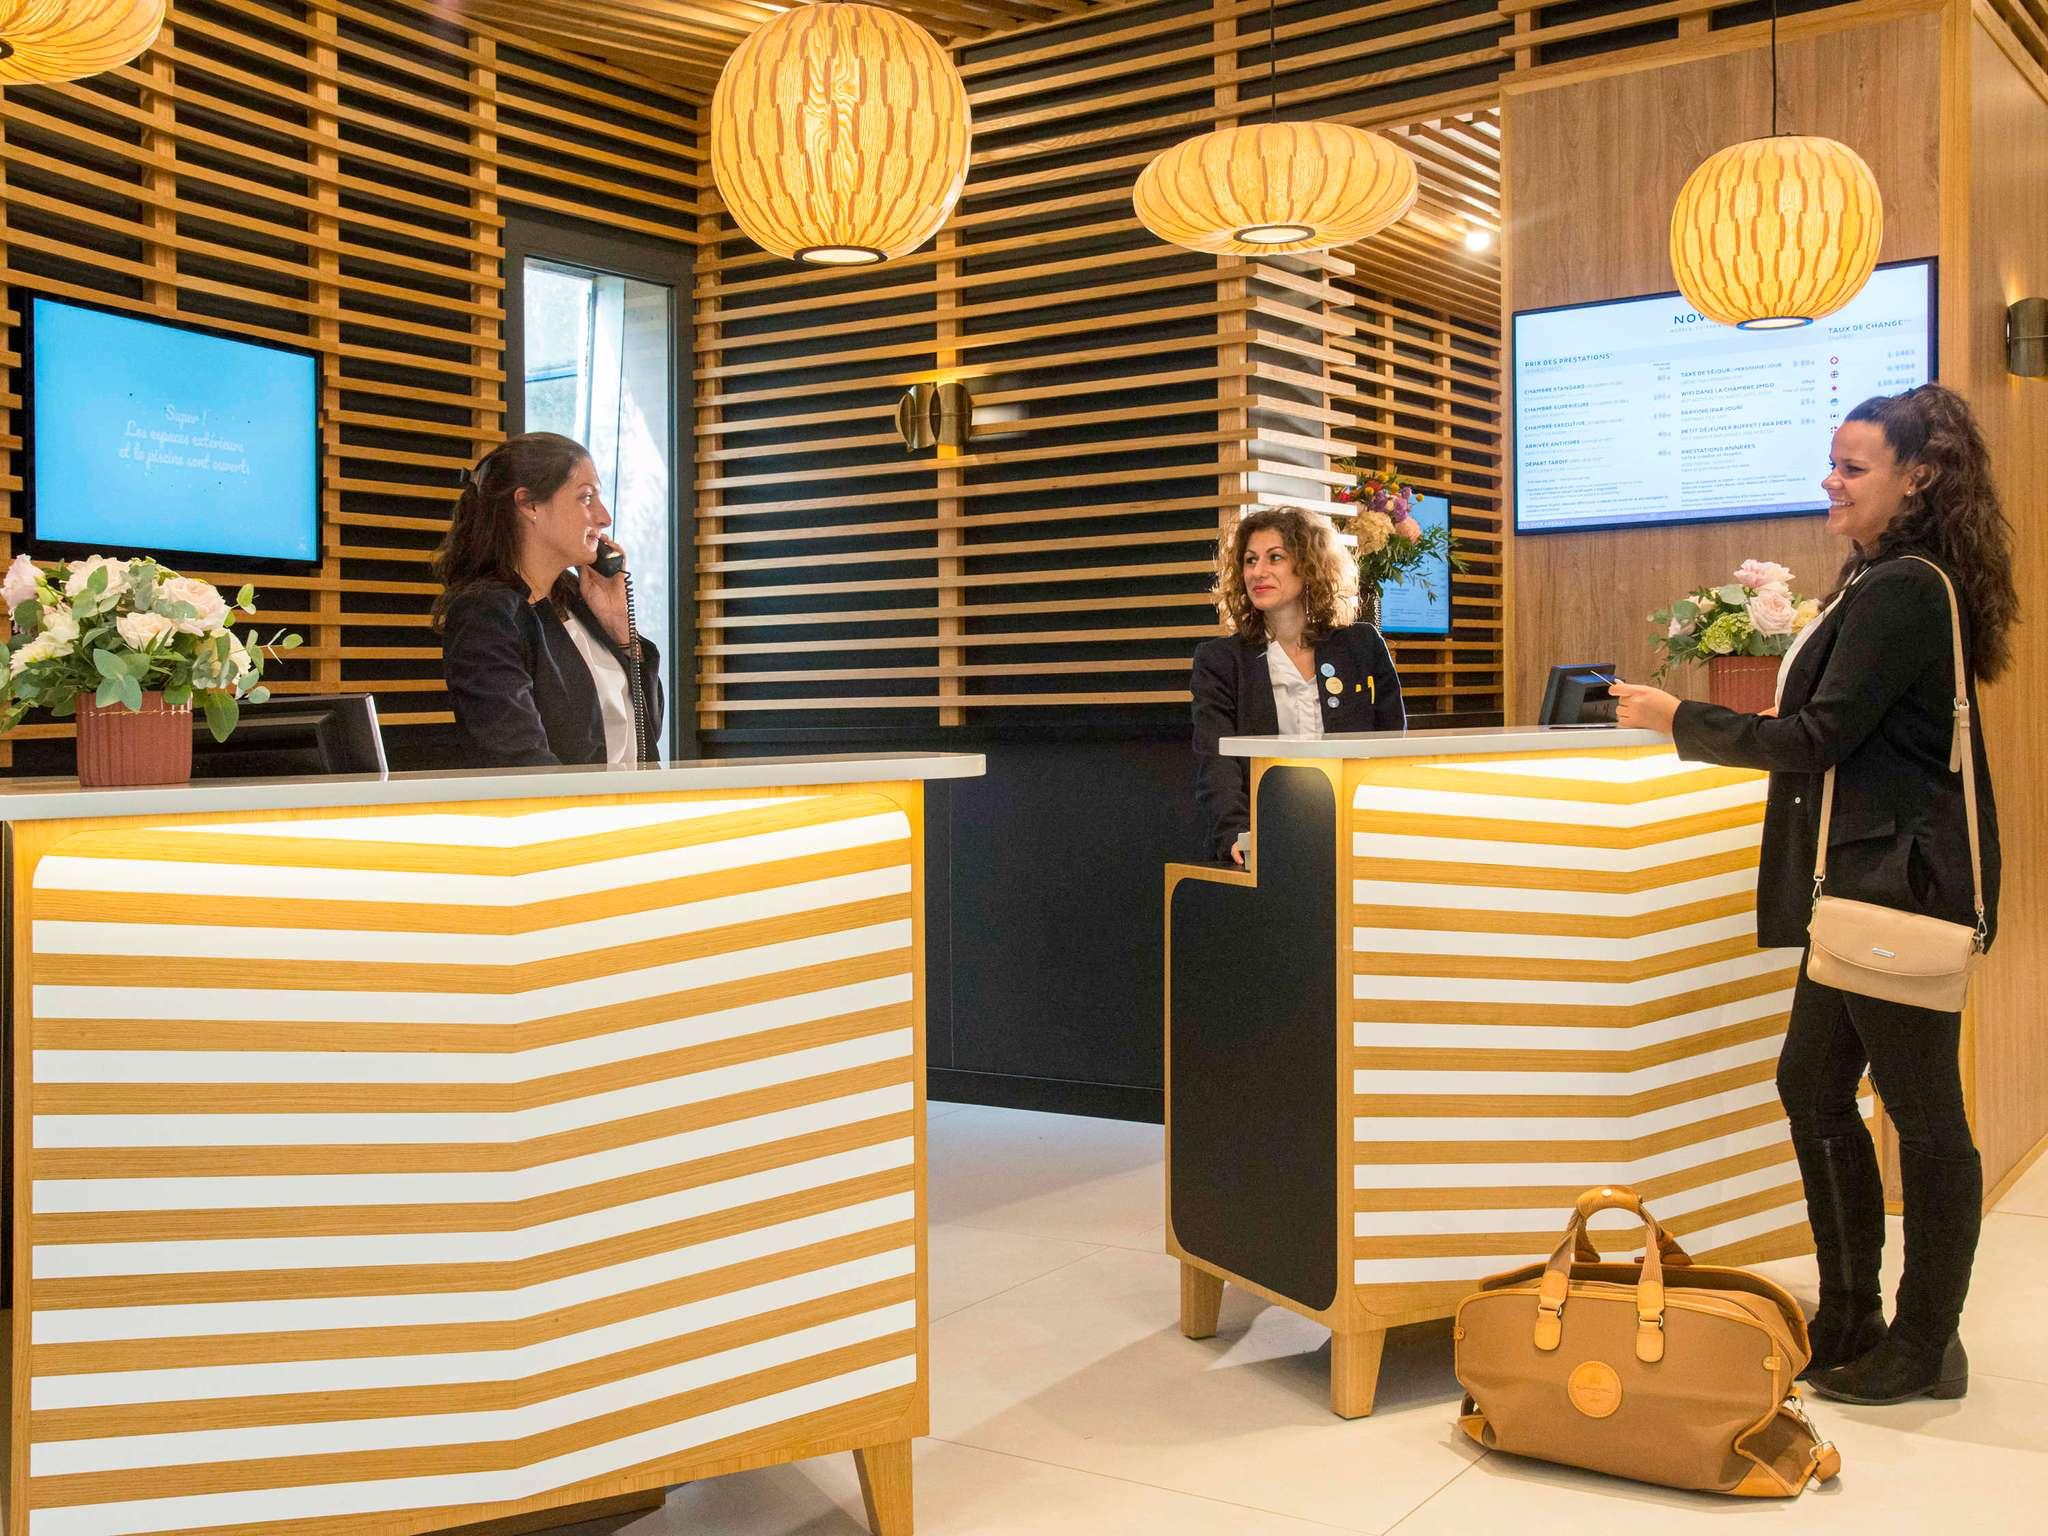 酒店 – 尼斯阿里纳斯机场诺富特酒店